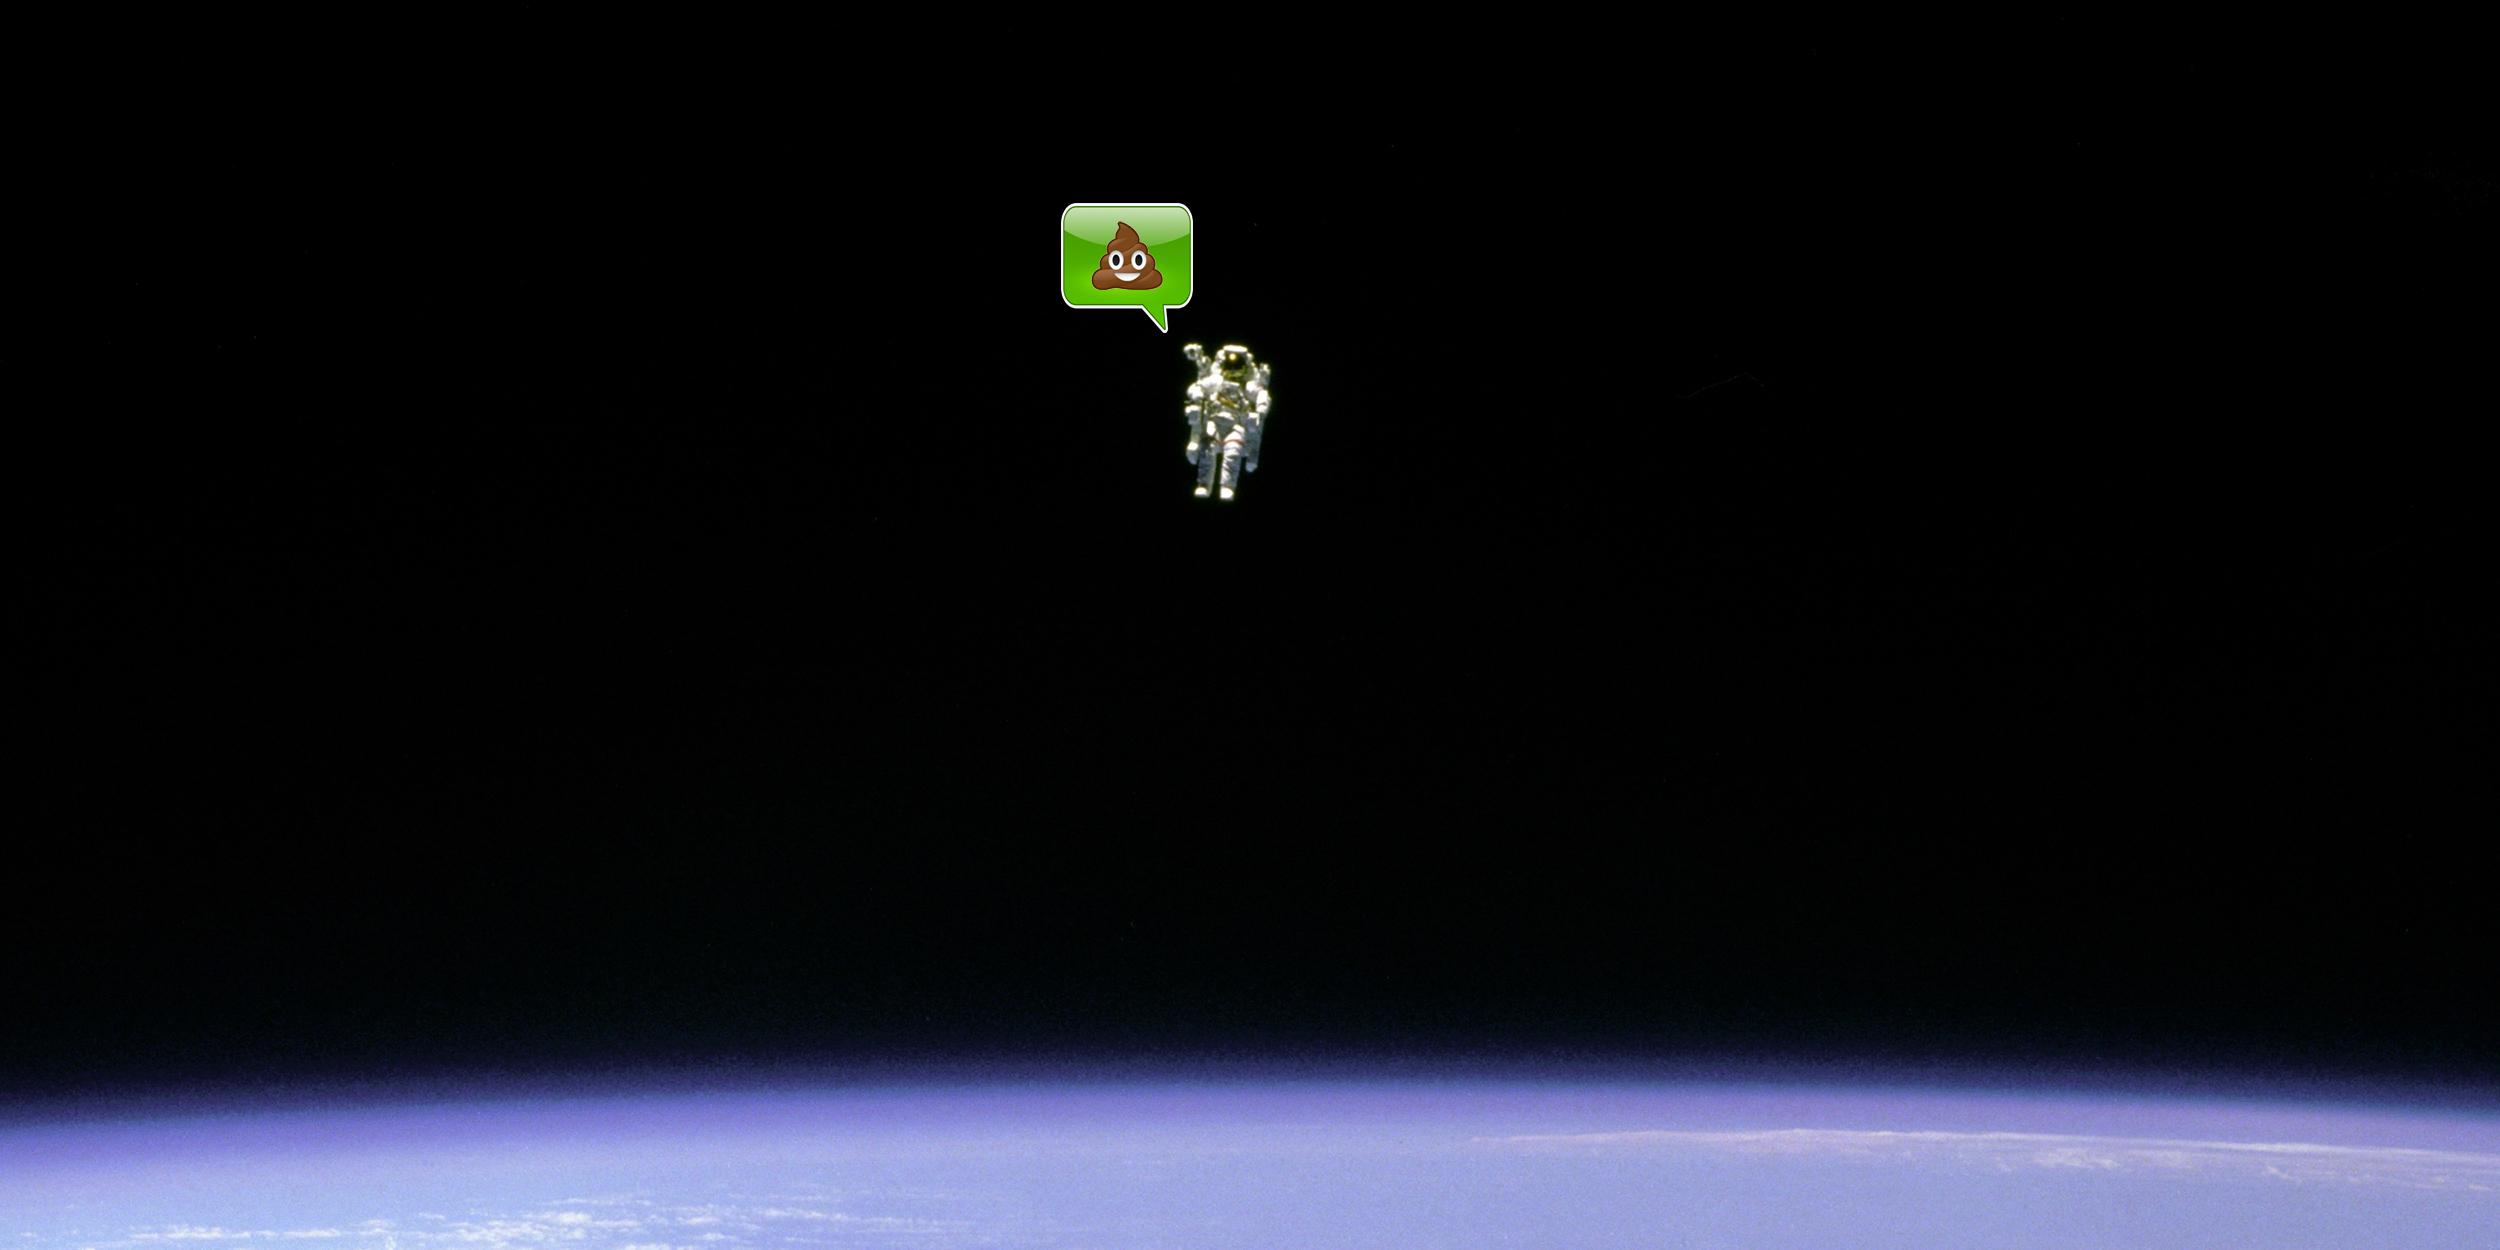 Что делать, если вы очнулись на космической станции